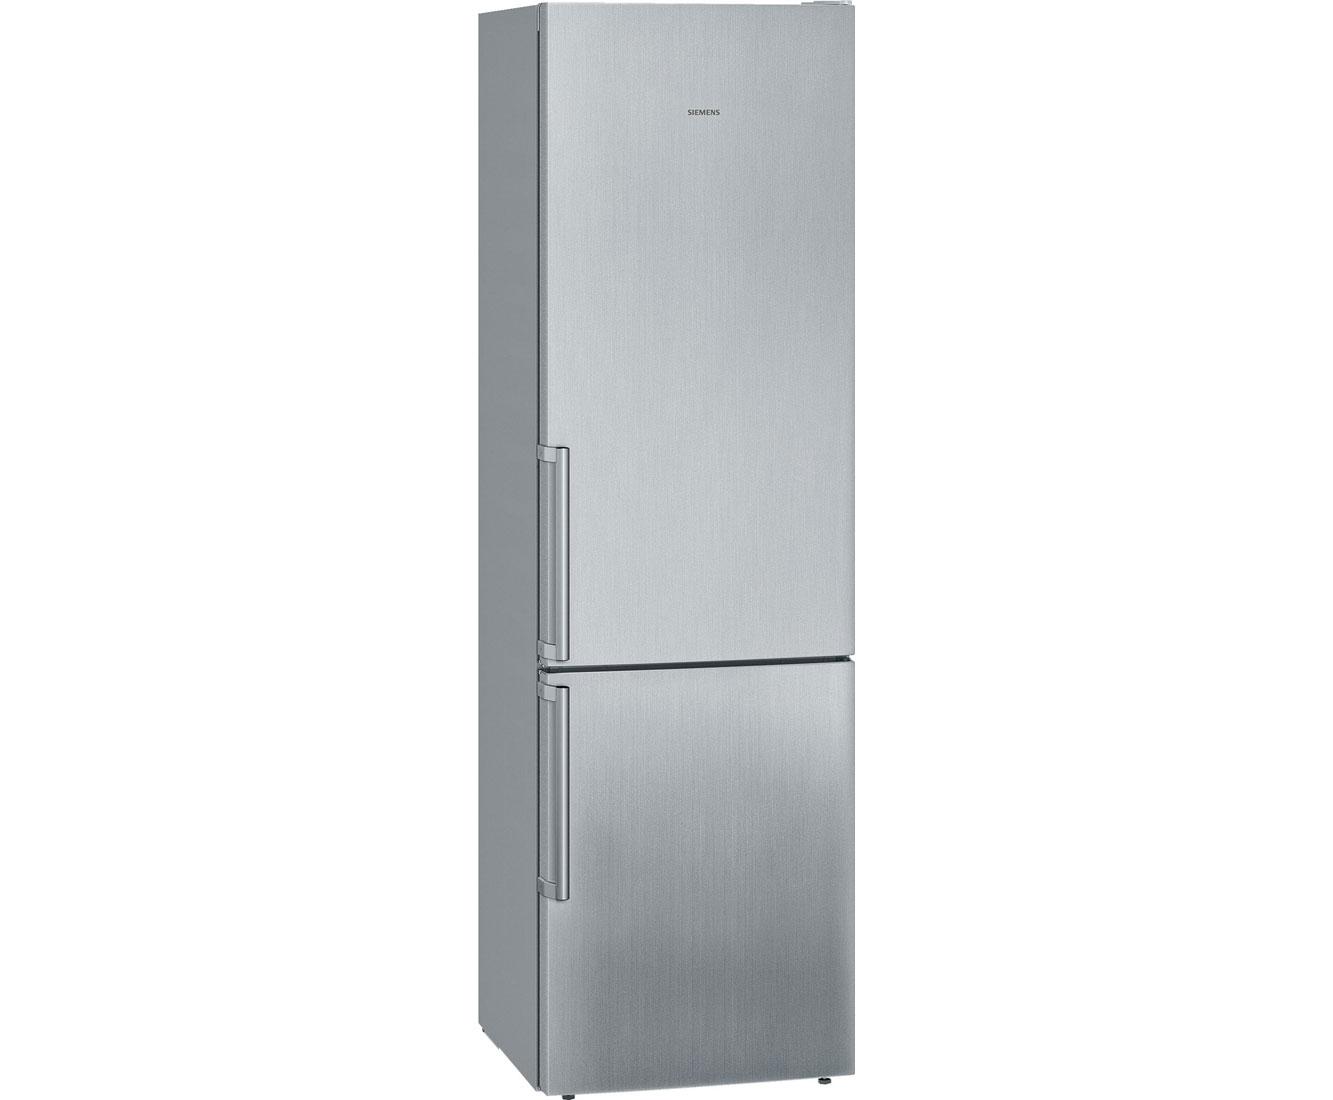 Siemens Kühlschrank Einschalten : Siemens kg ebi kühl gefrierkombination er breite edelstahl